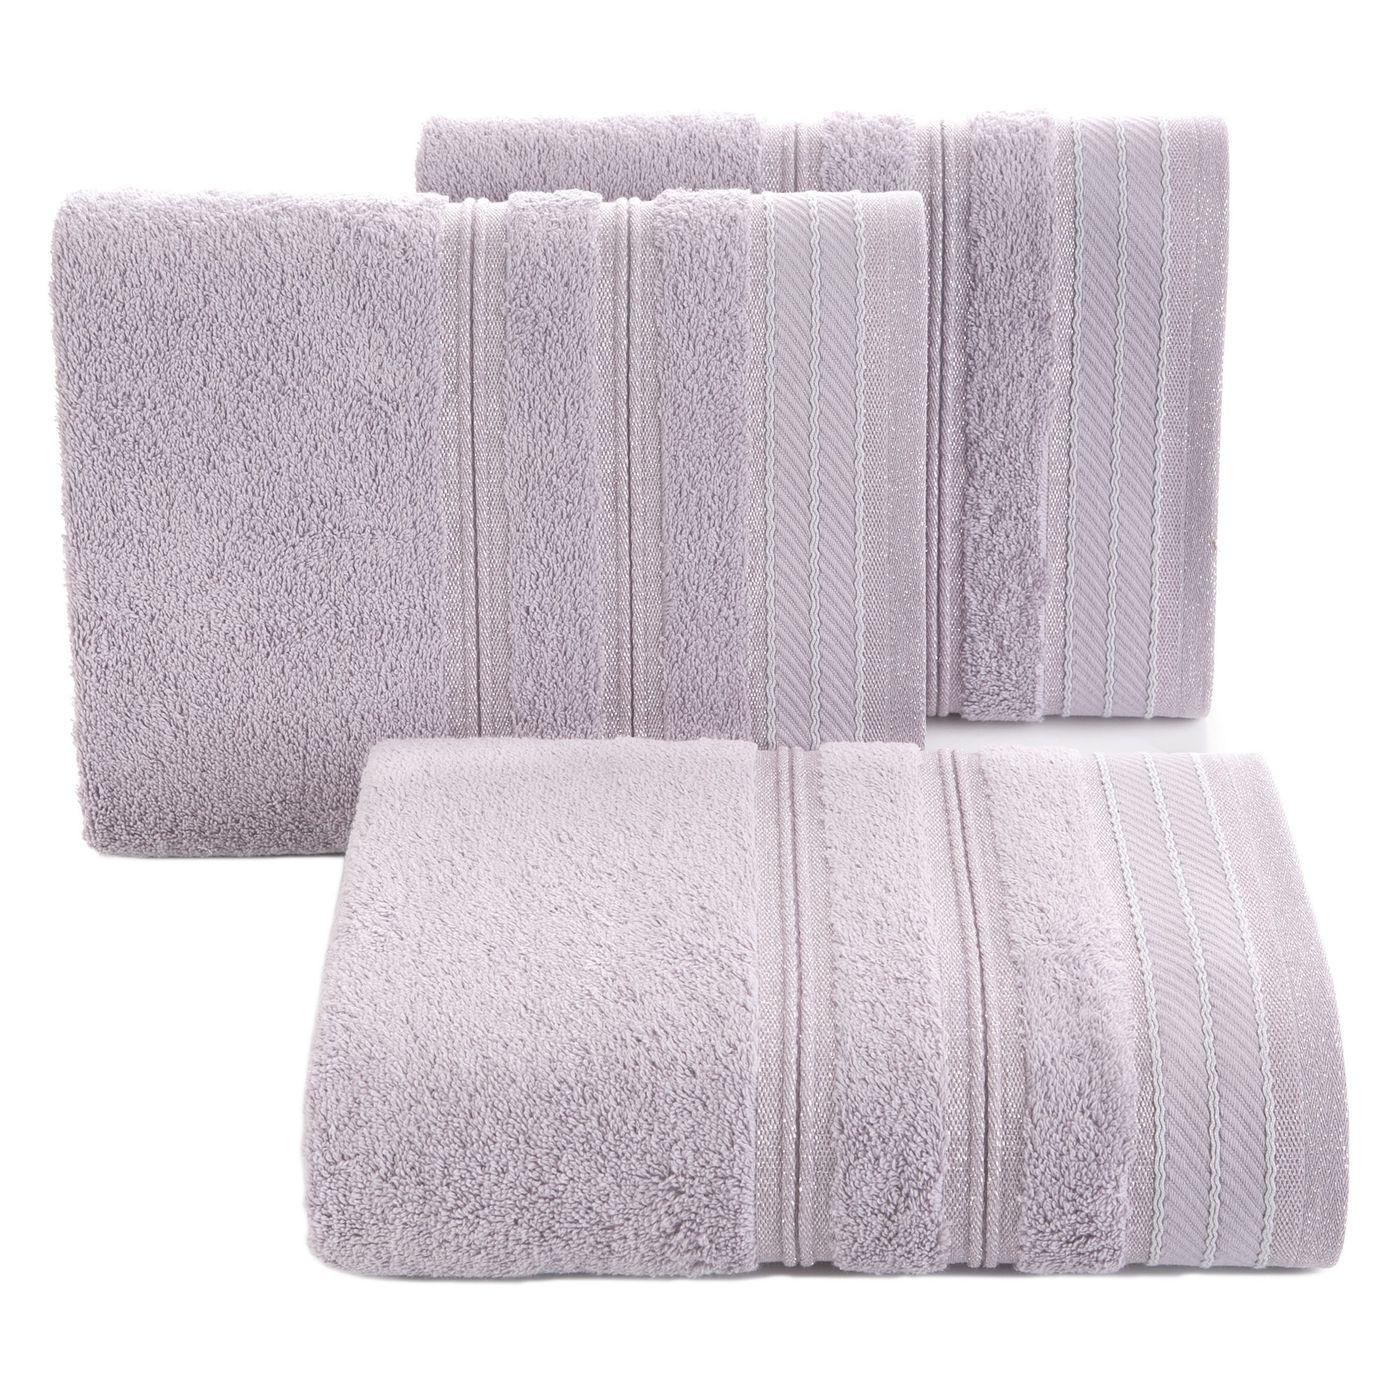 Ręcznik z bawełny z częścią ozdobną przetykaną błyszczącą nicią 70x140cm